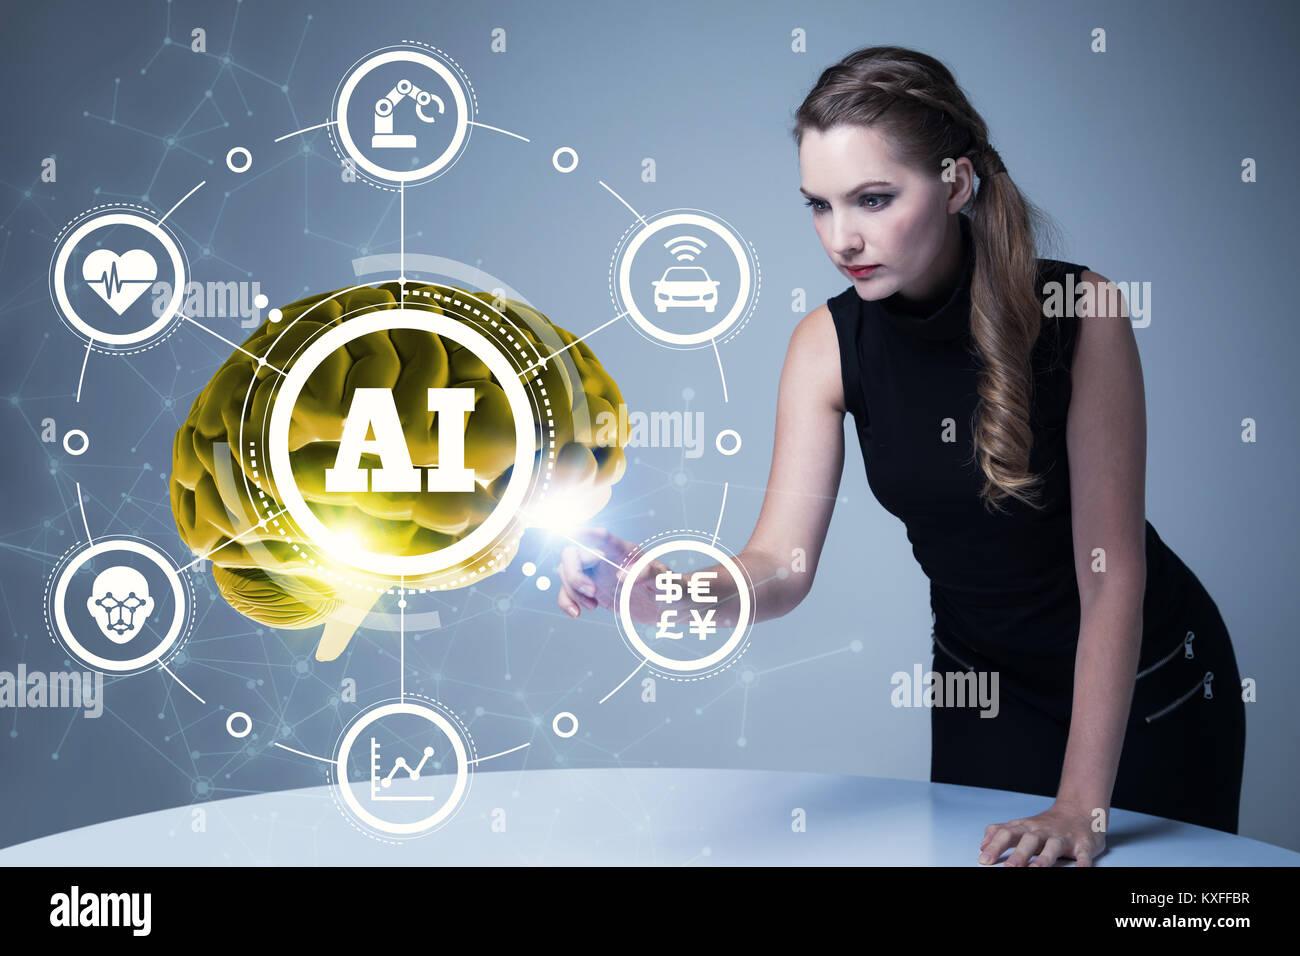 AI (Inteligencia Artificial) concepto. 3D rendering. Imagen De Stock